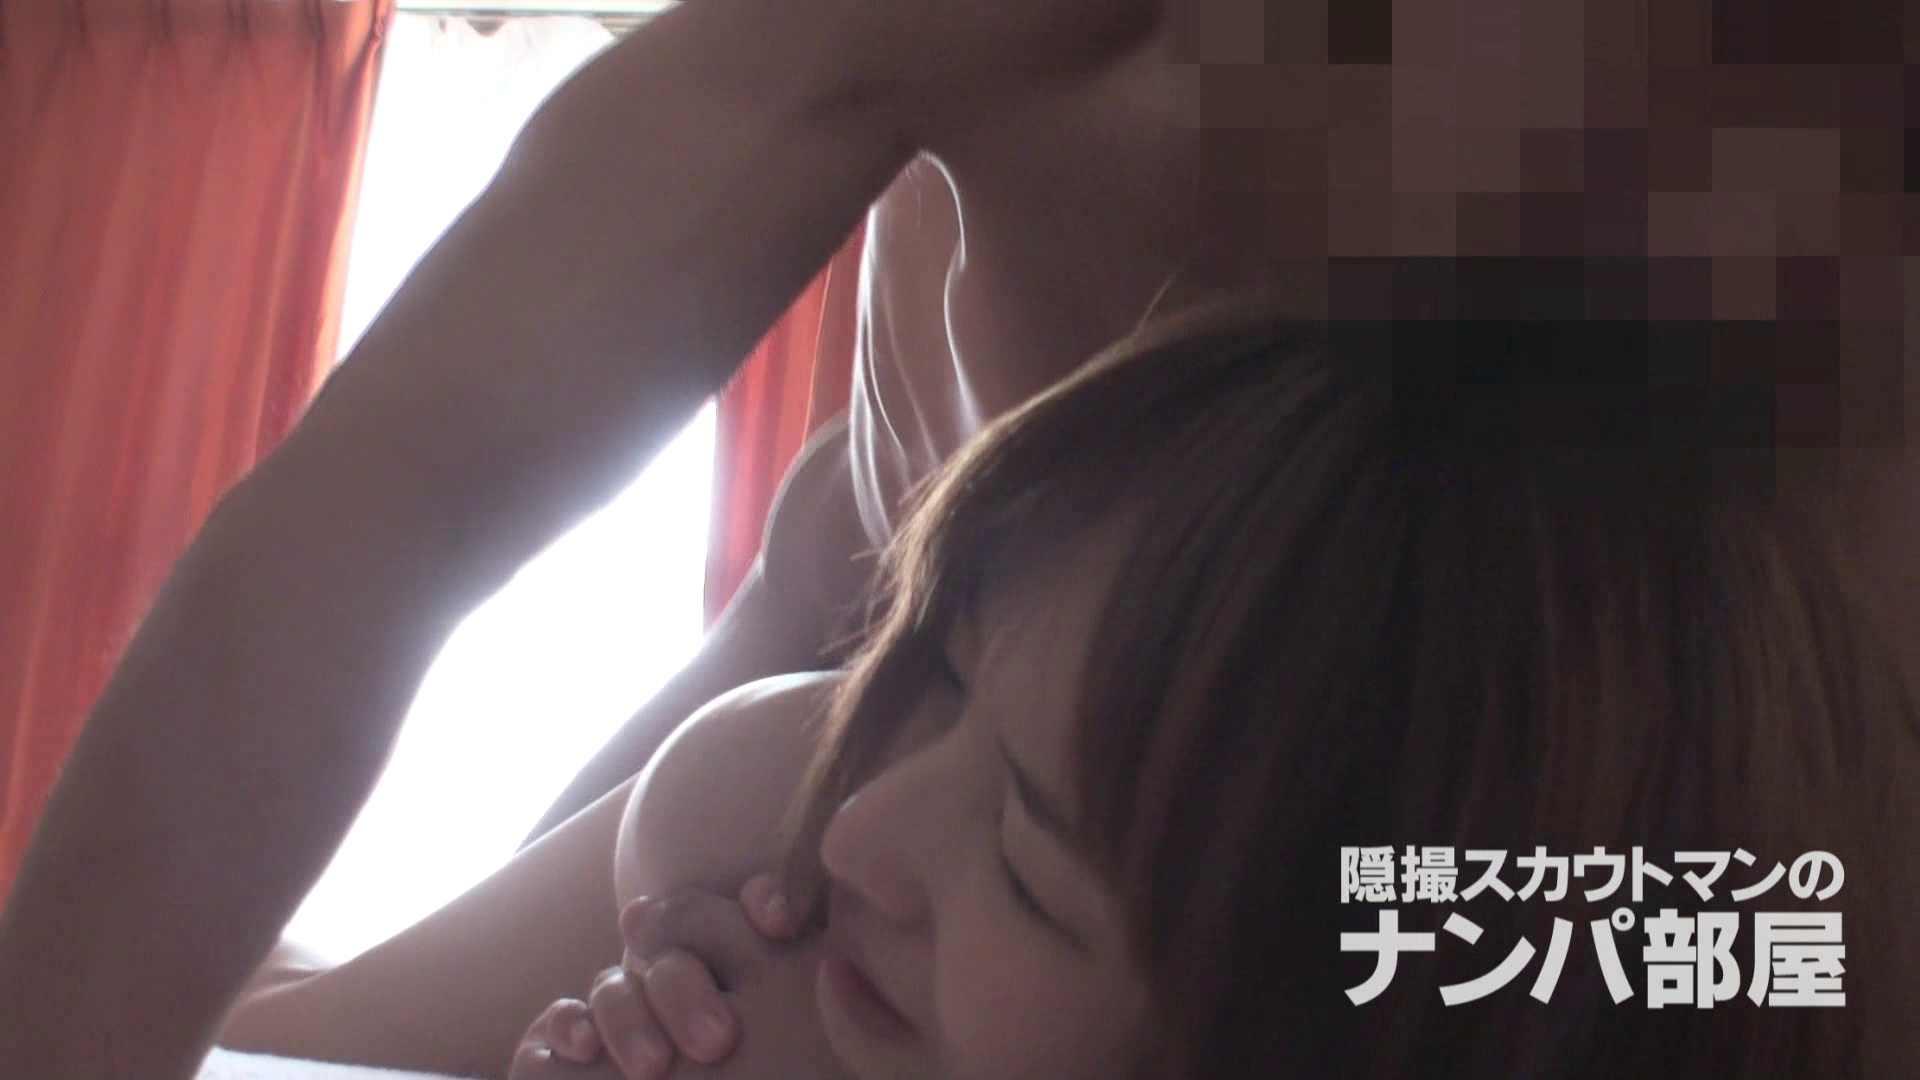 隠撮スカウトマンのナンパ部屋~風俗デビュー前のつまみ食い~ siivol.4 リアルSEX SEX無修正画像 57PIX 48